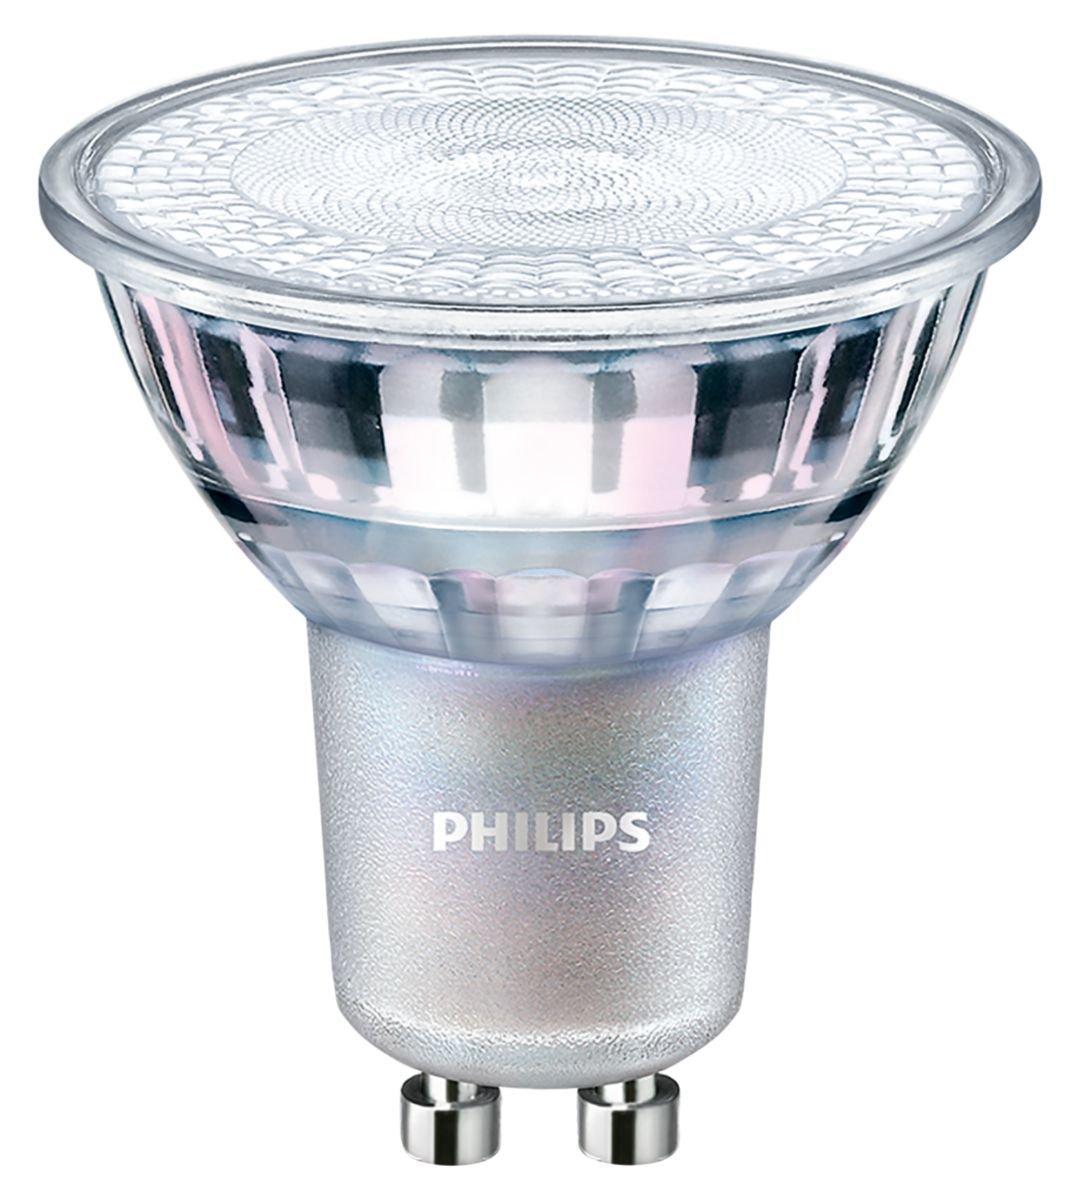 Philips Master GU10 – 4,9W – 3000K LED3448 | 8718696707876